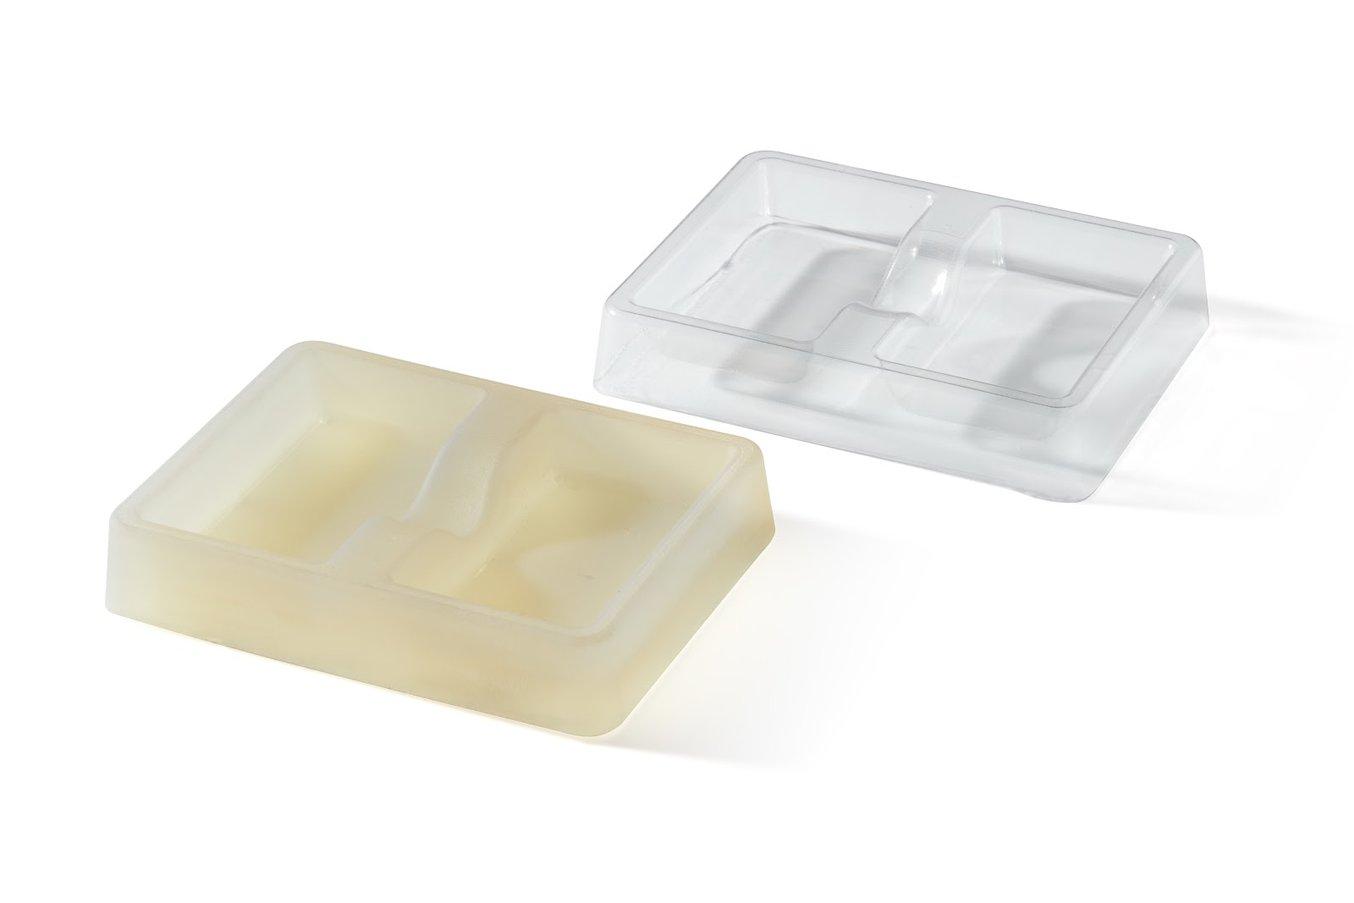 Un molde para moldeo en vacío impreso con la High Temp Resin de Formlabs, acompañado de la pieza final moldeada en vacío. La High Temp Resin tiene una temperatura de flexión bajo carga de 238 grados centígrados, lo bastante alta como para competir con term